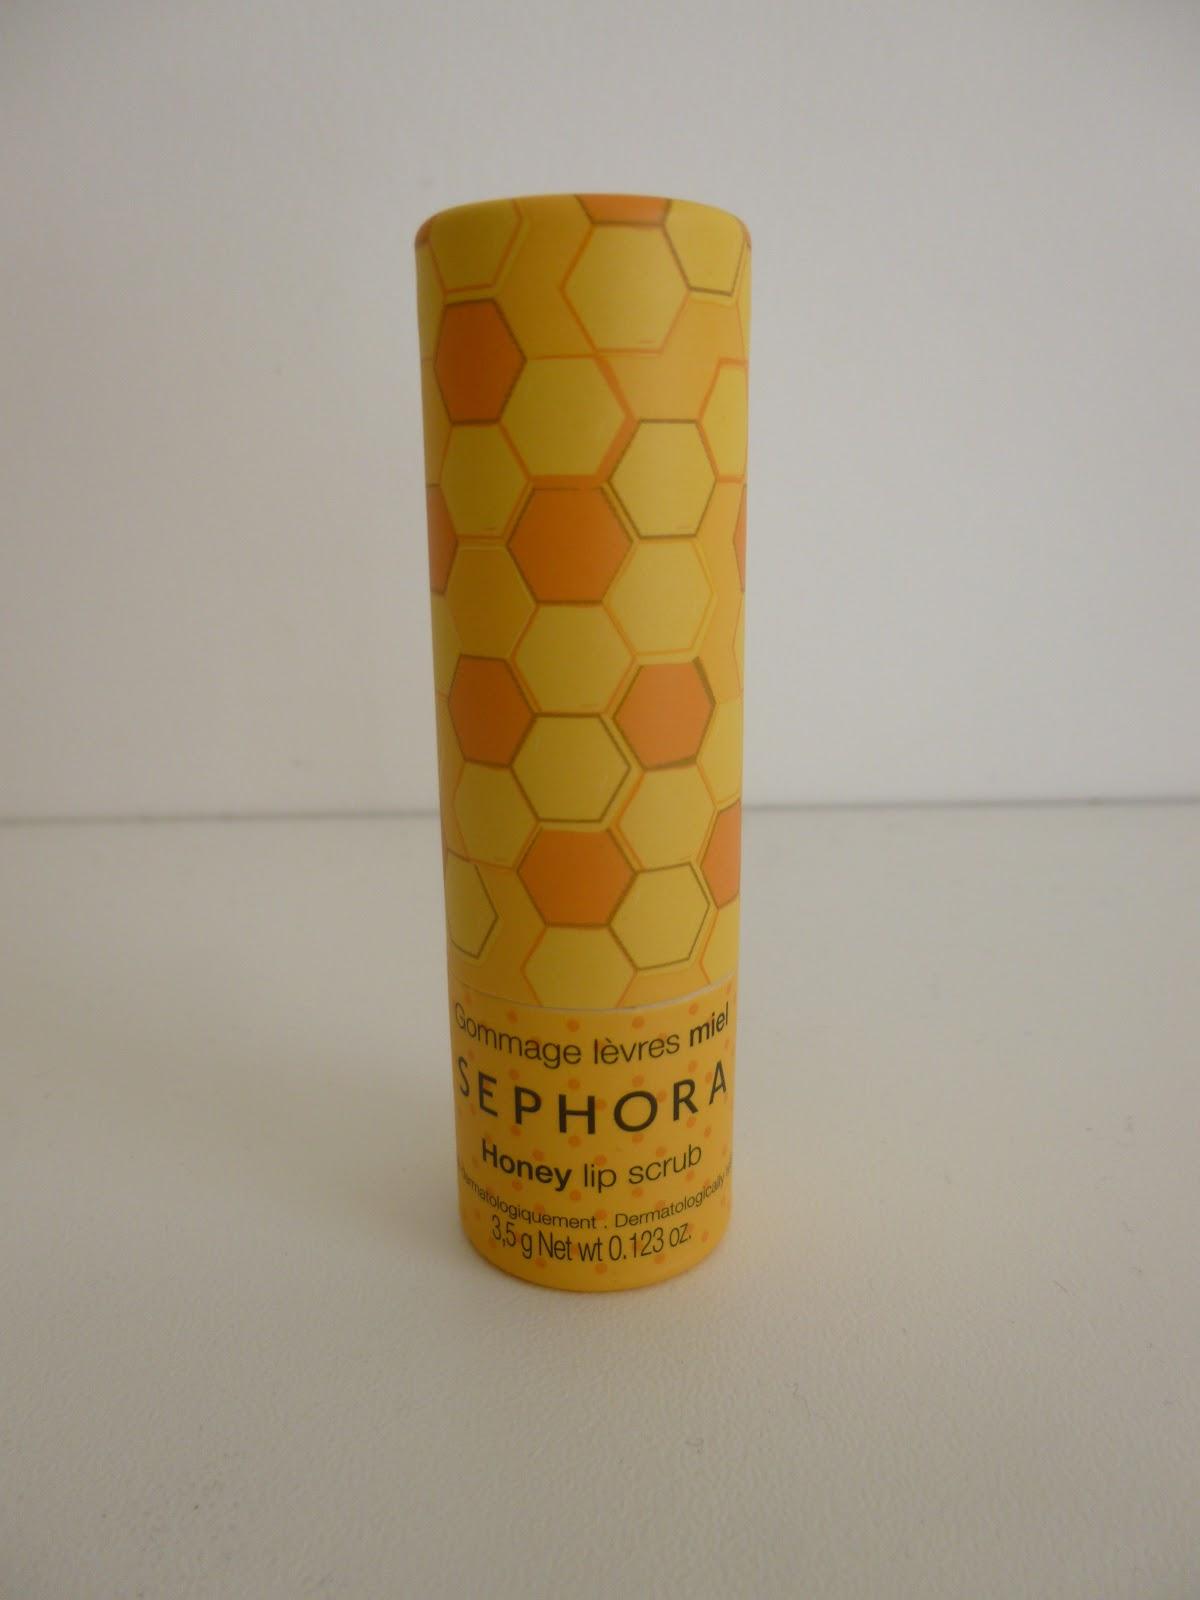 baume lèvres miel sephora gommage